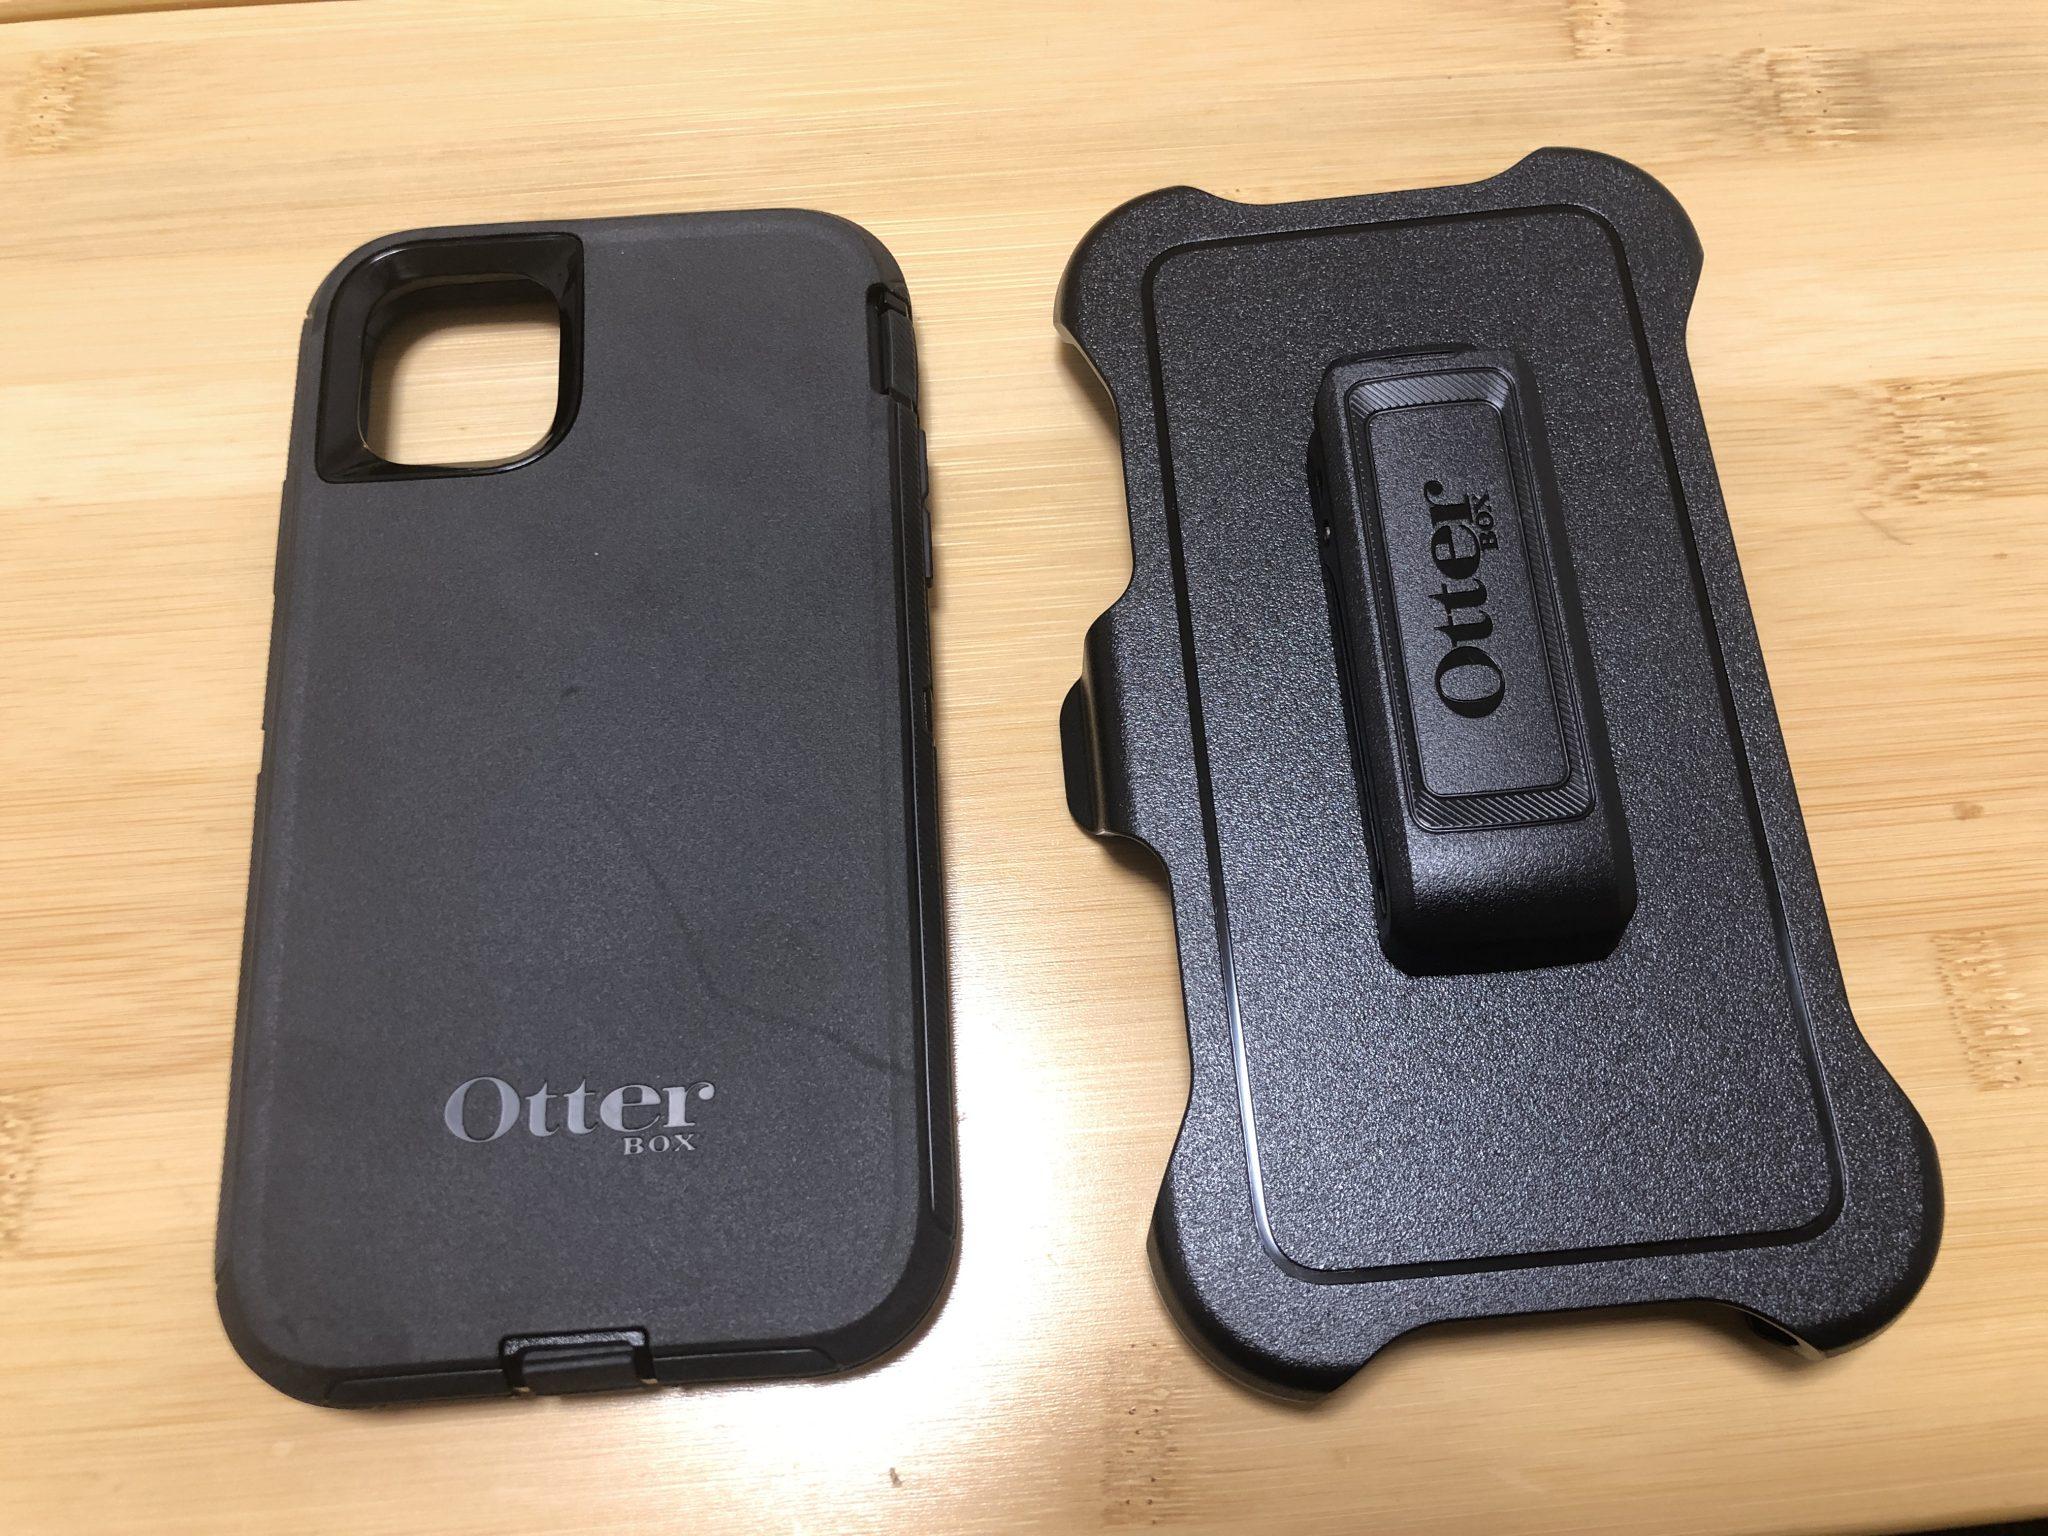 4BA9F642 9A59 4BCF 90CE 07F7FFF927A7 - サバゲーマーがオススメするOTTER BOX頑丈なiphone11ケースを買ってみた。